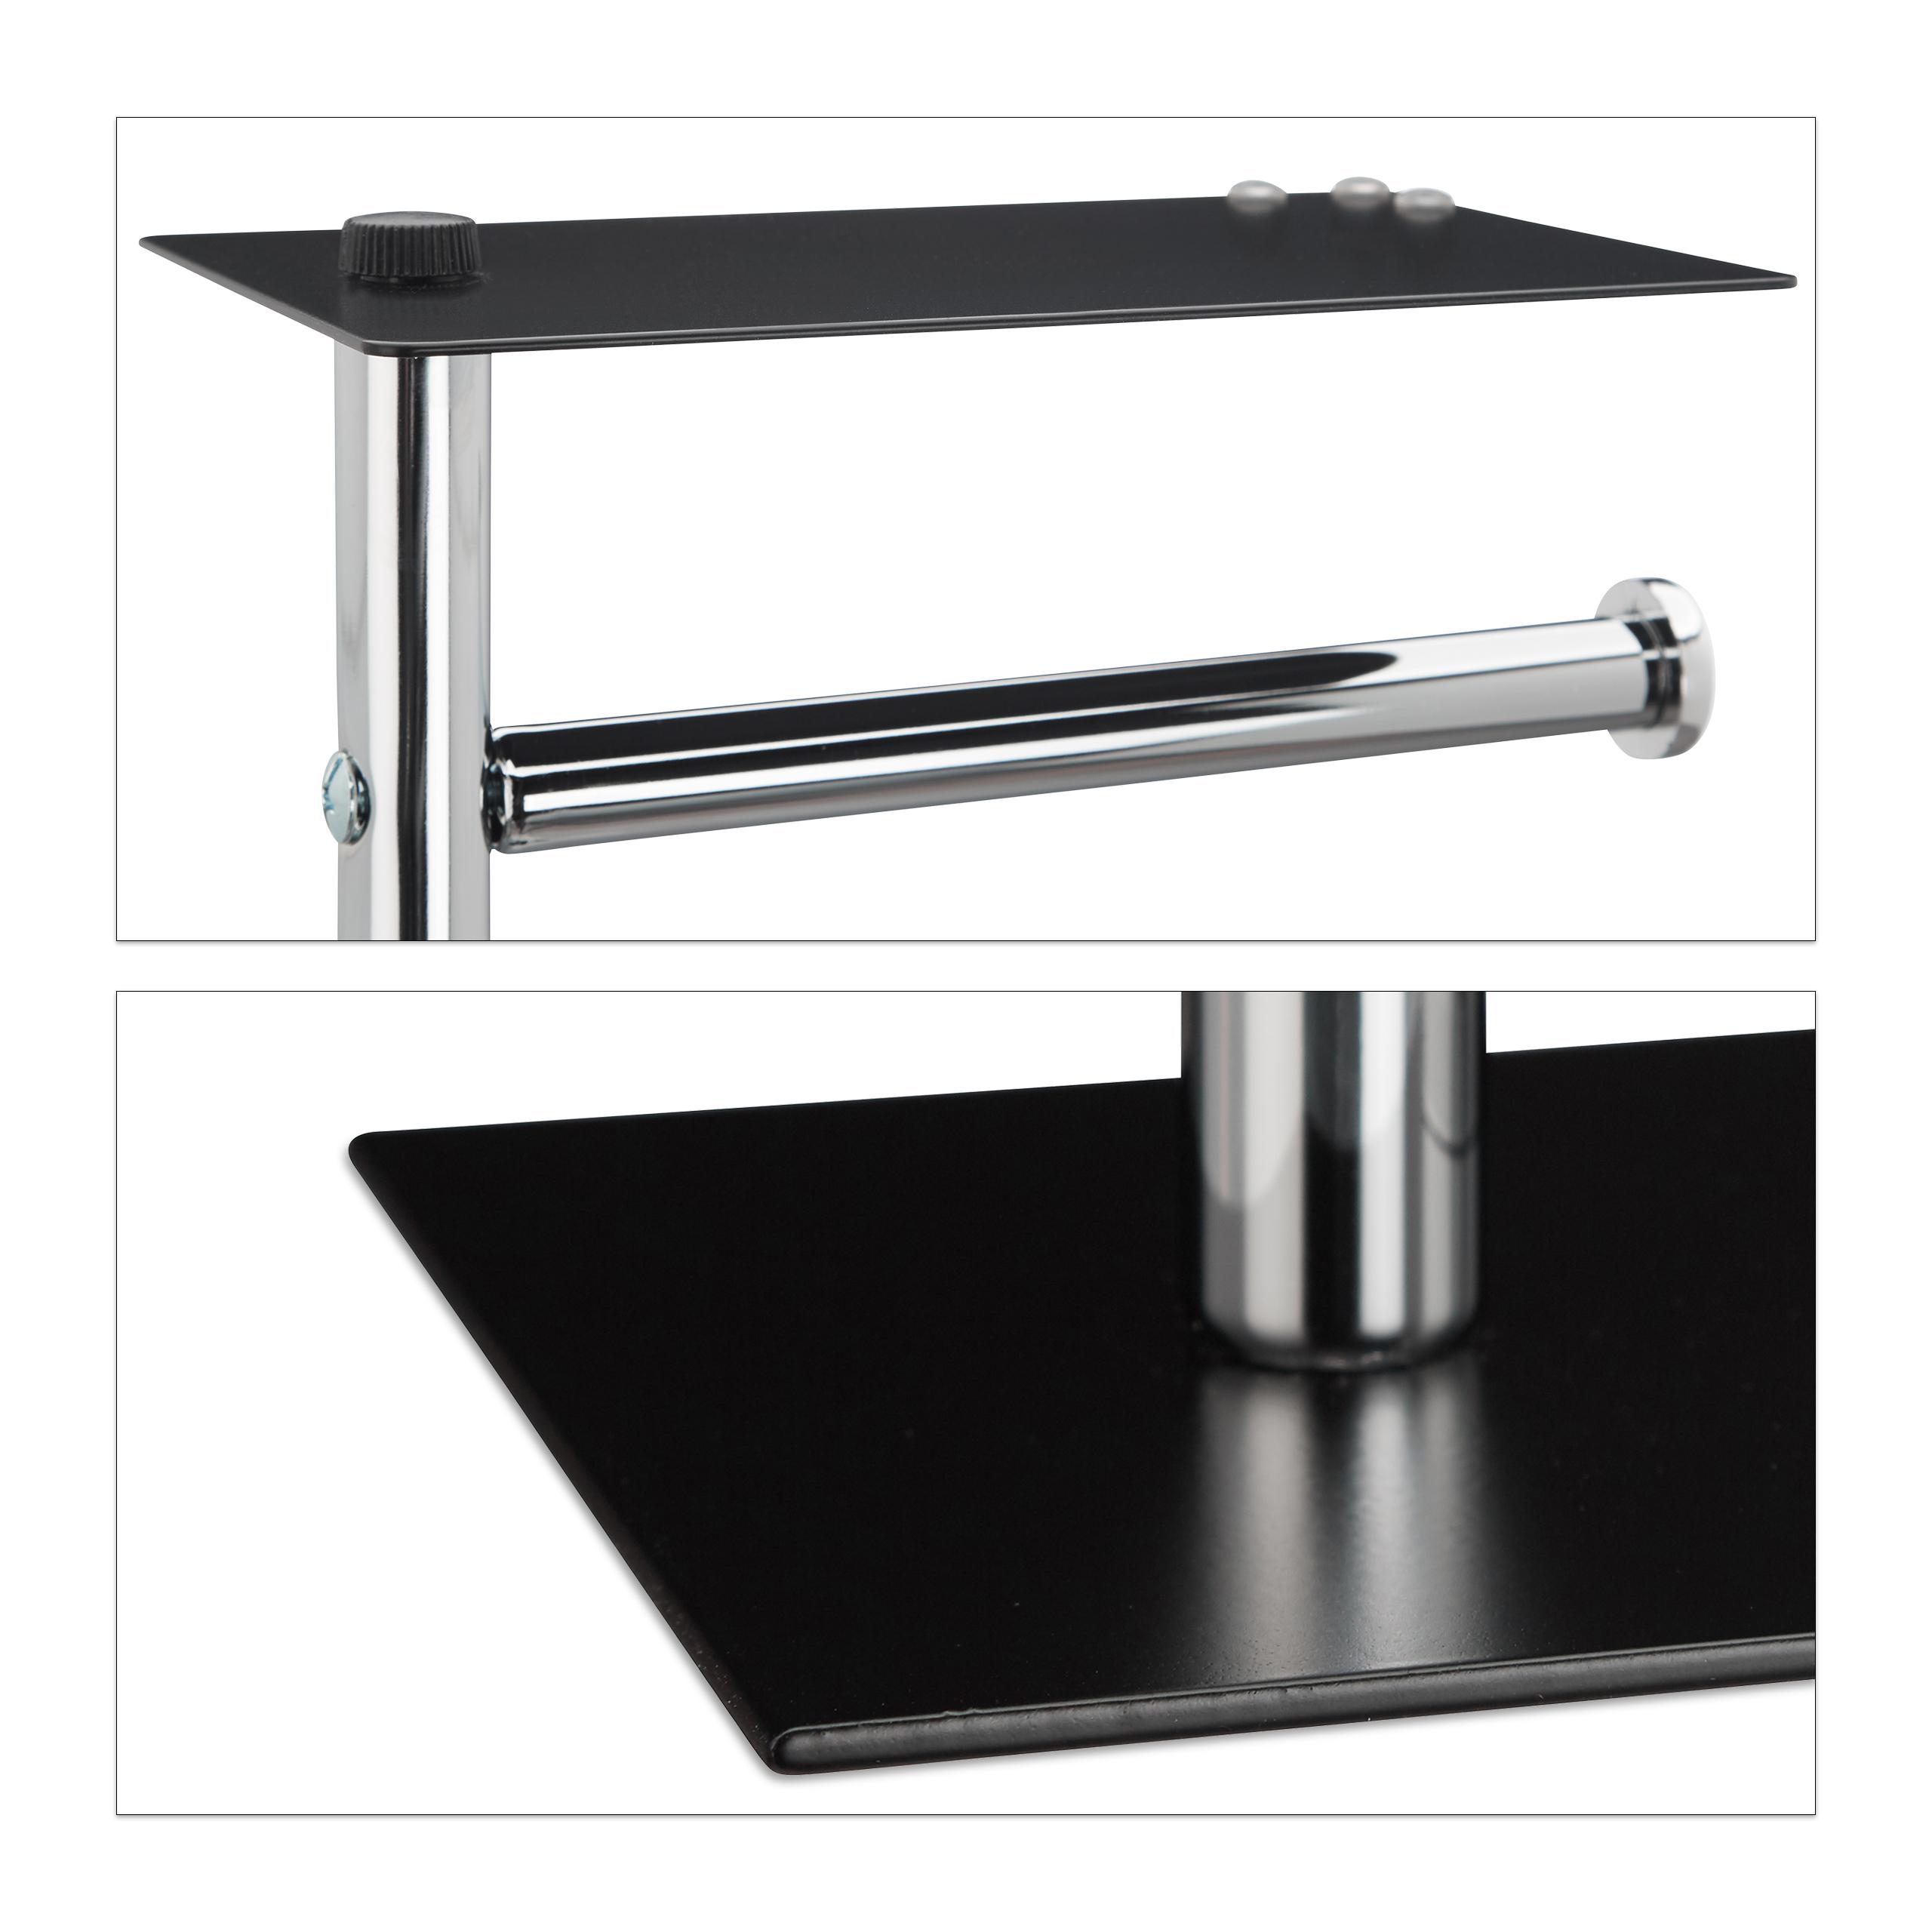 wc garnitur badgarnitur wc rollenhalter wc b rsten set toilettenpapierhalter ebay. Black Bedroom Furniture Sets. Home Design Ideas